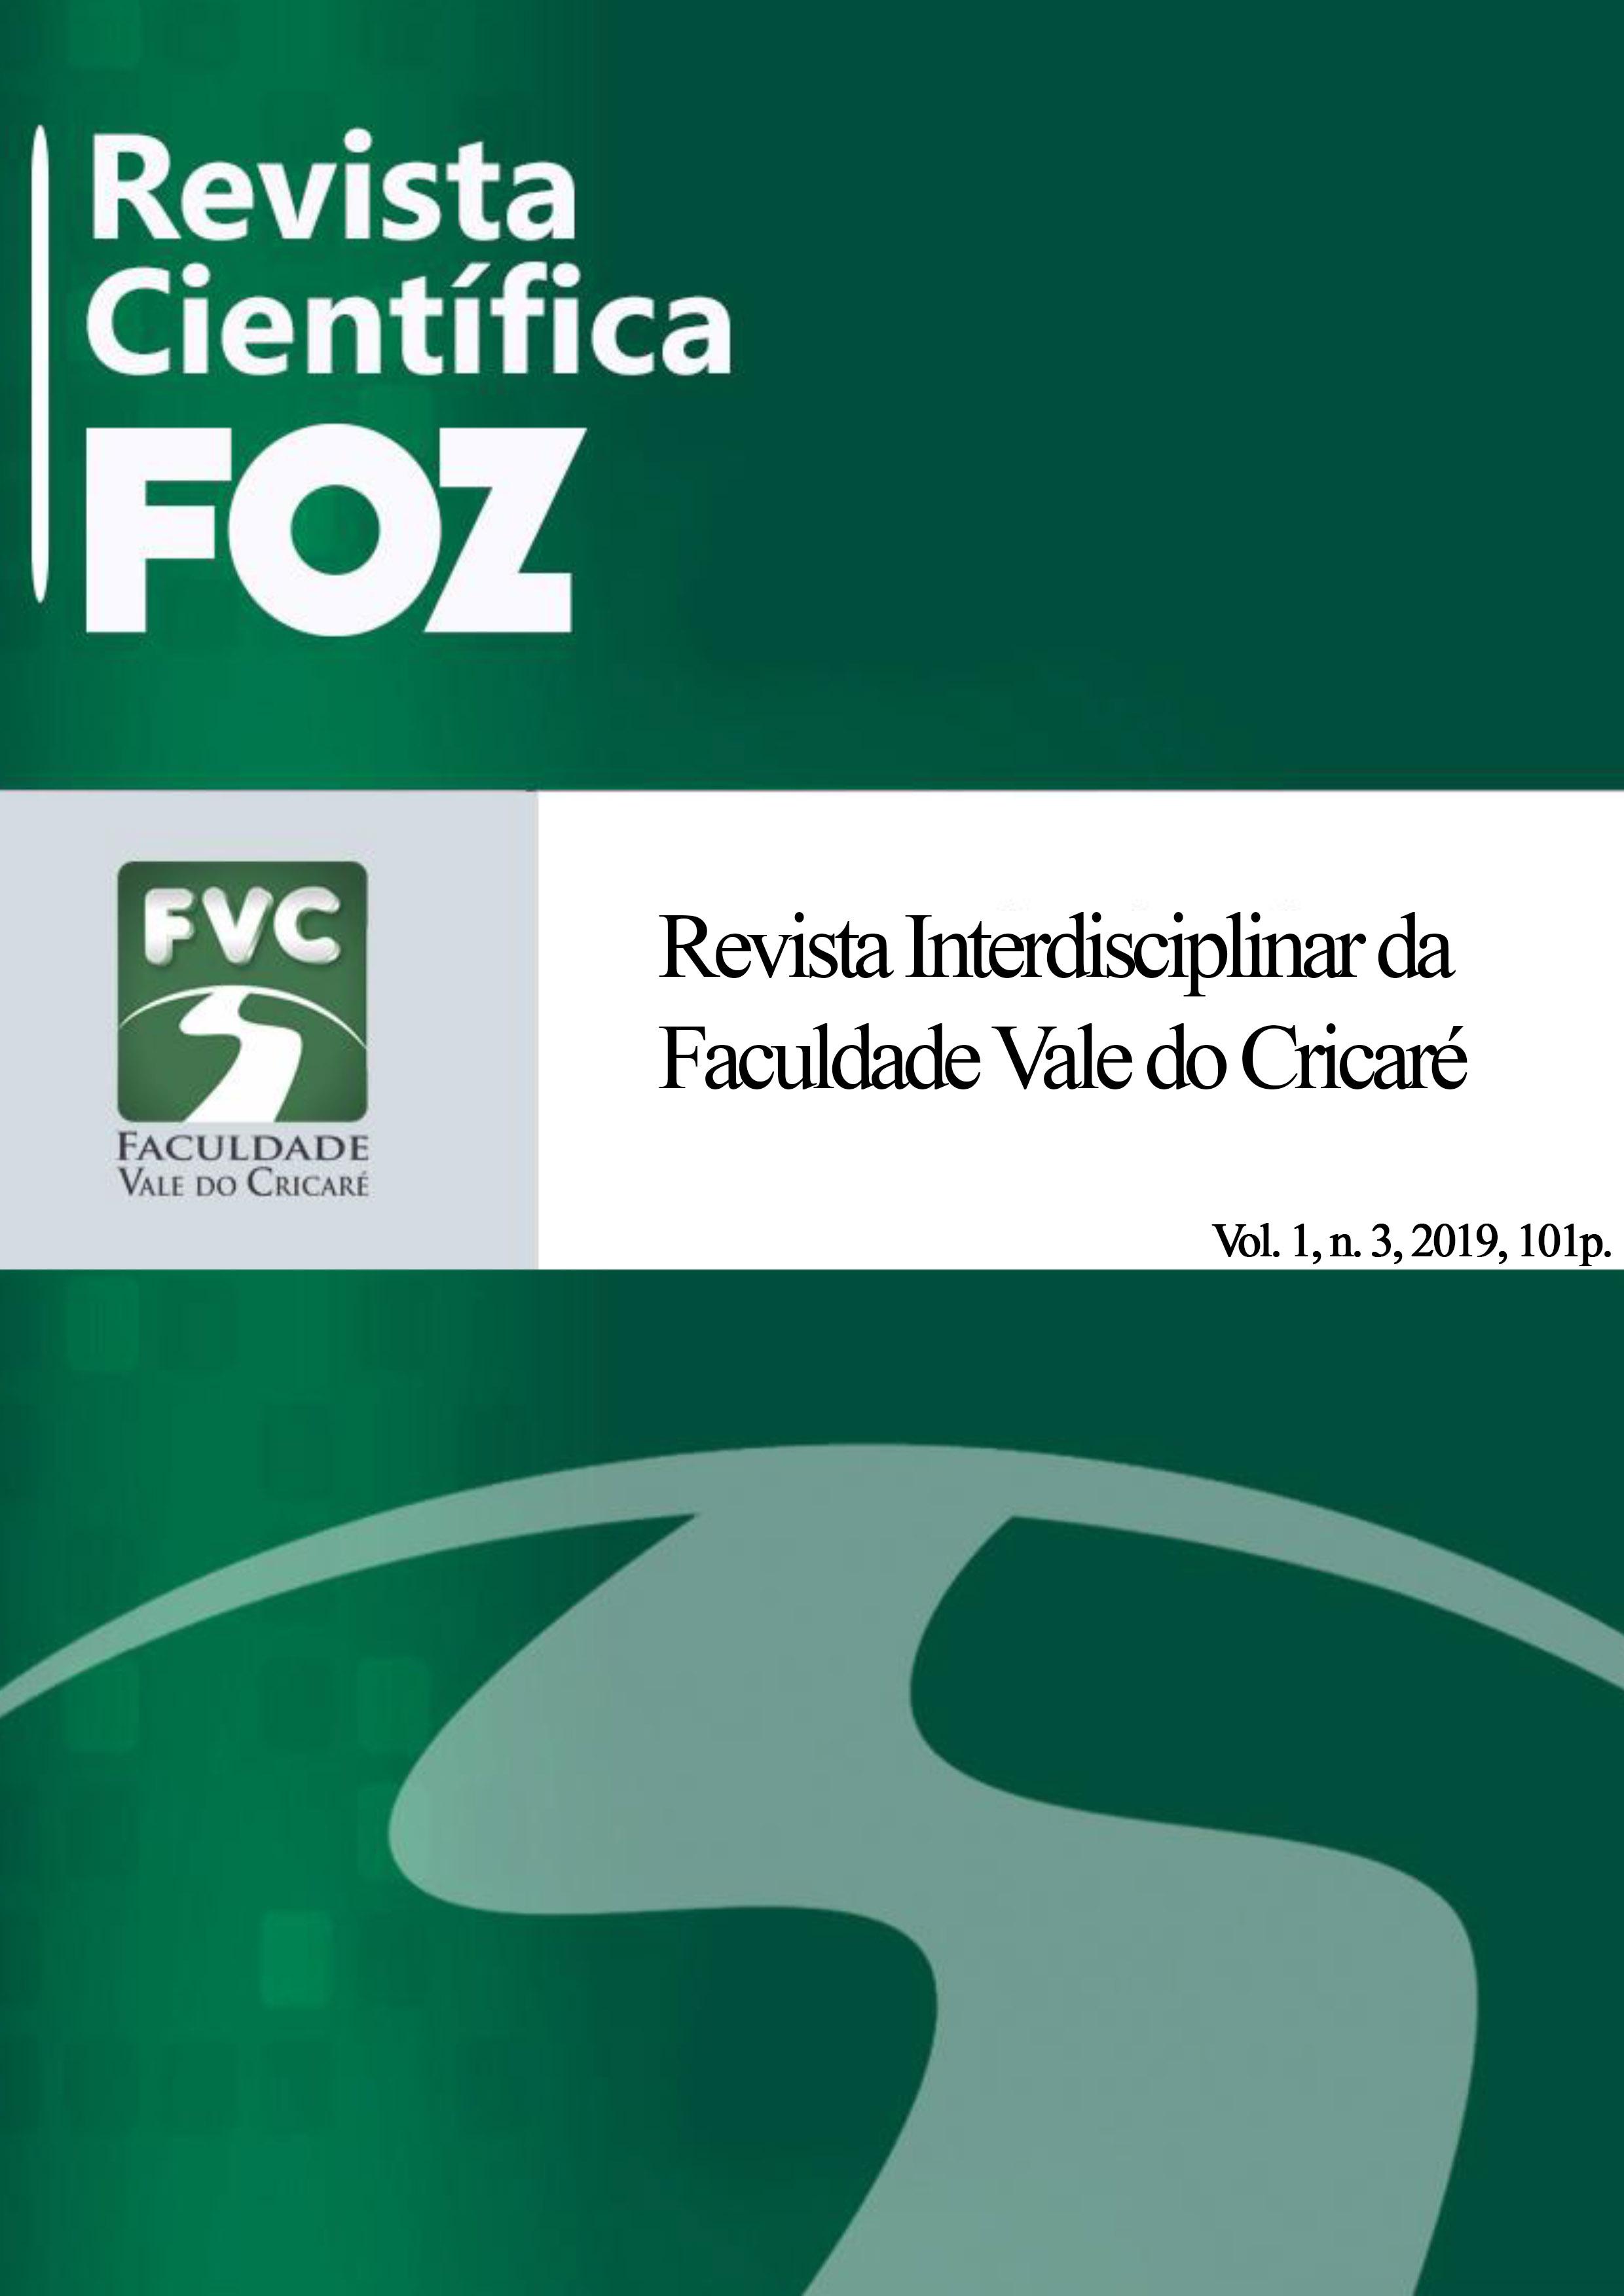 Visualizar v. 1 n. 3 (2019): Revista Científica FOZ